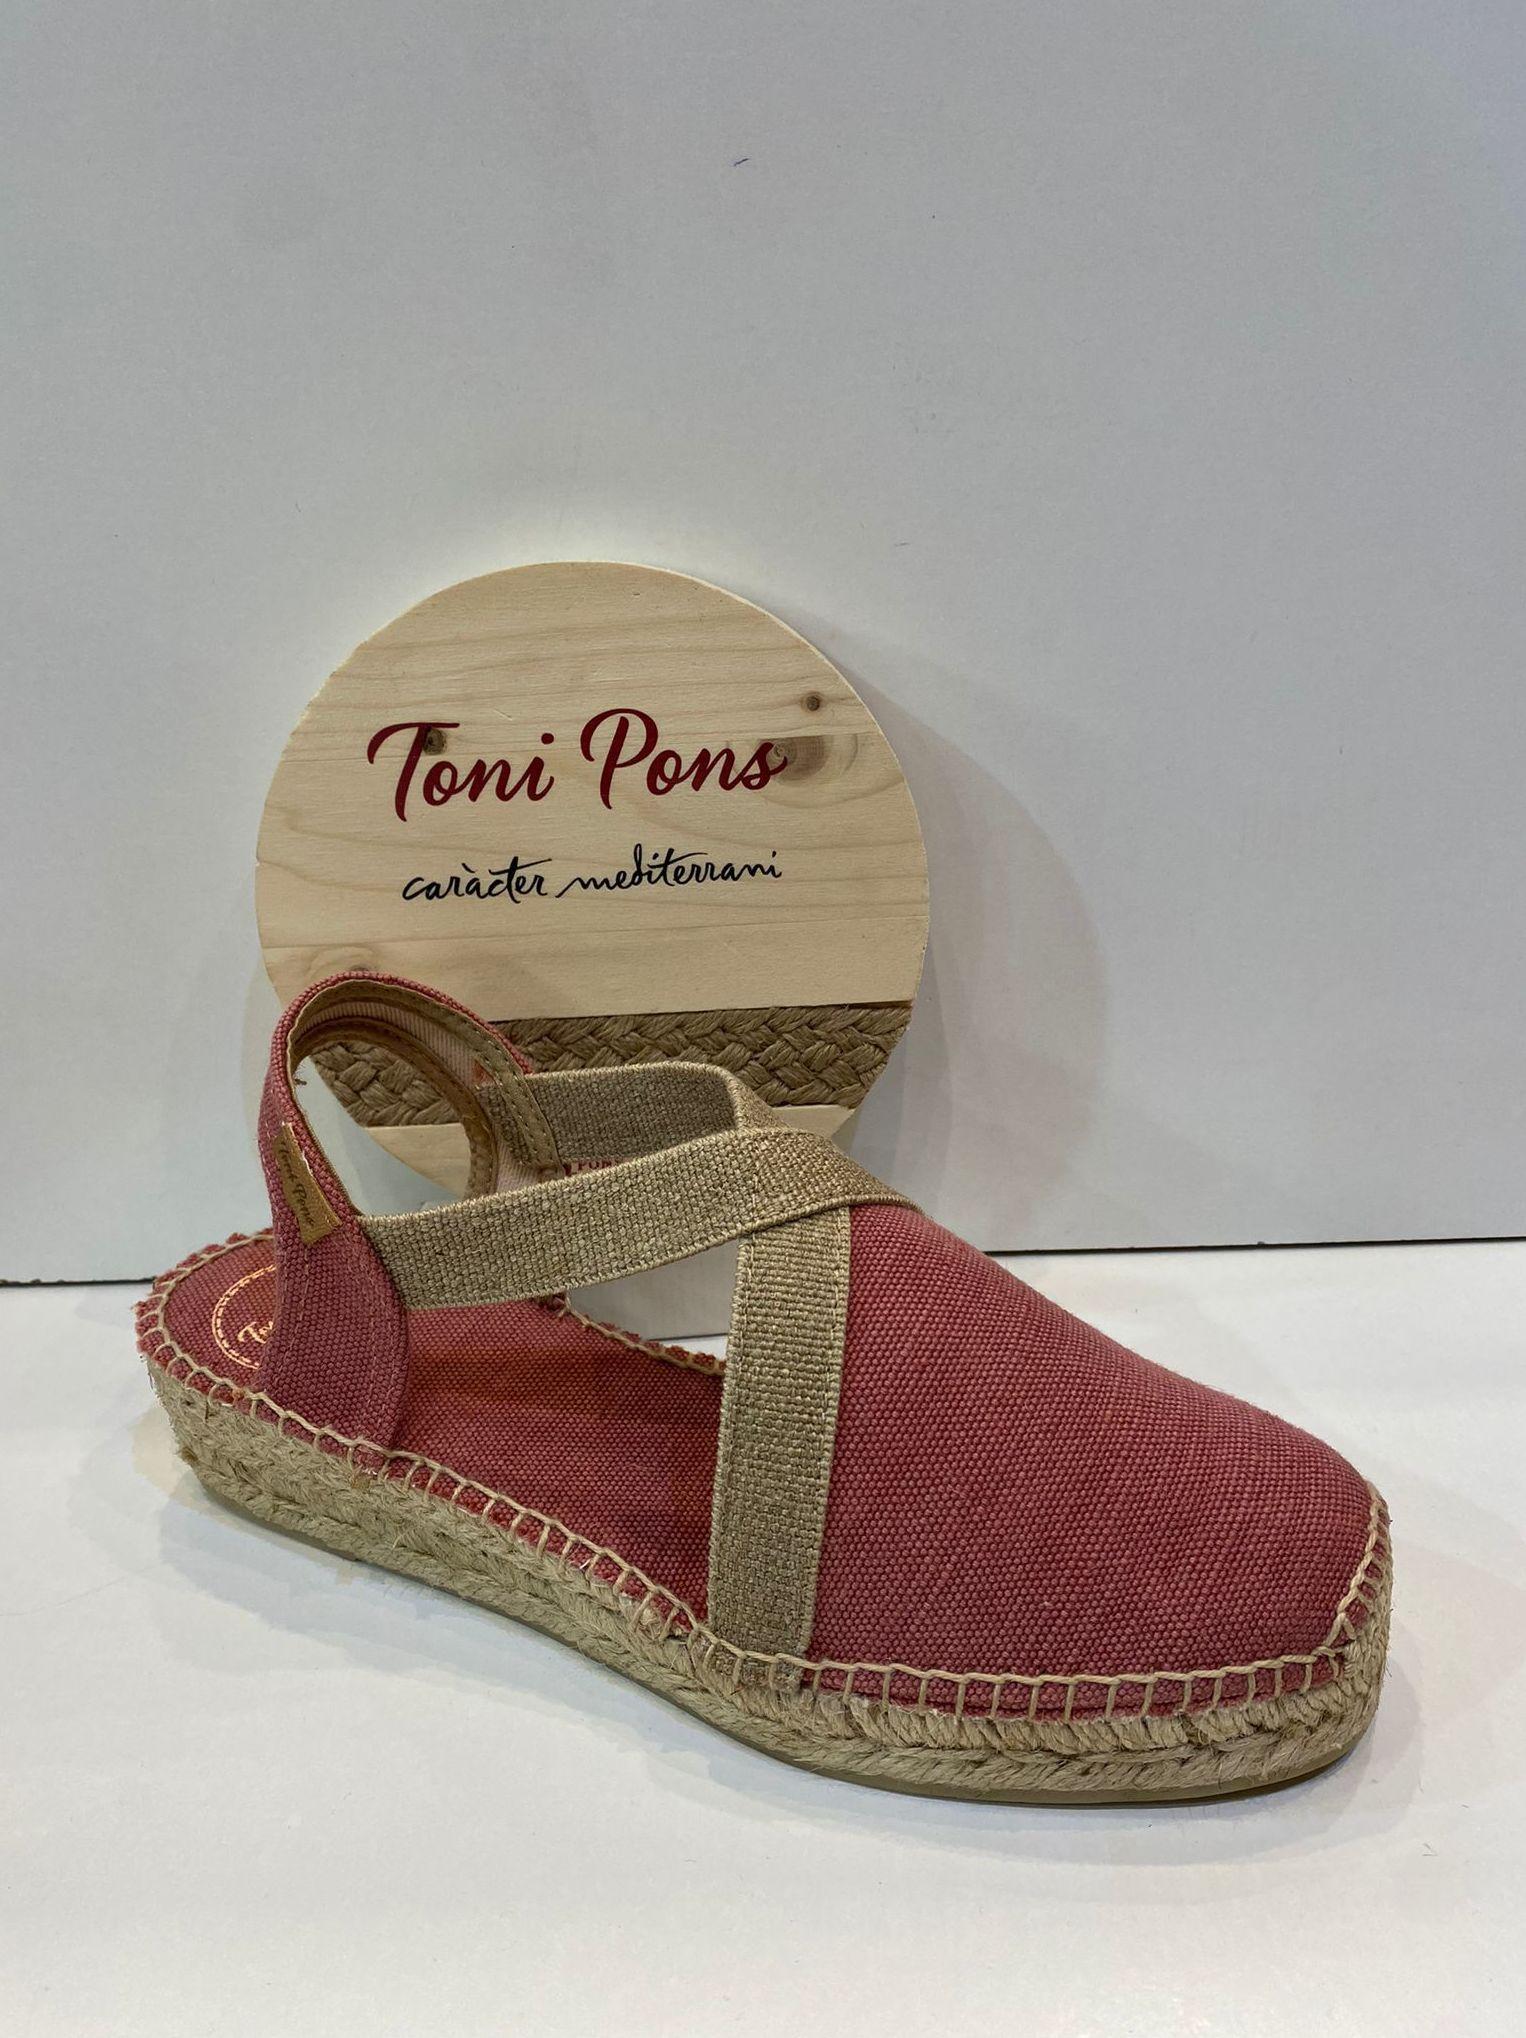 Espardenya d'espart, de la marca Toni Pons, de saca, plantilla encoixinada, sola amb 4 cm de cunya 49.95€